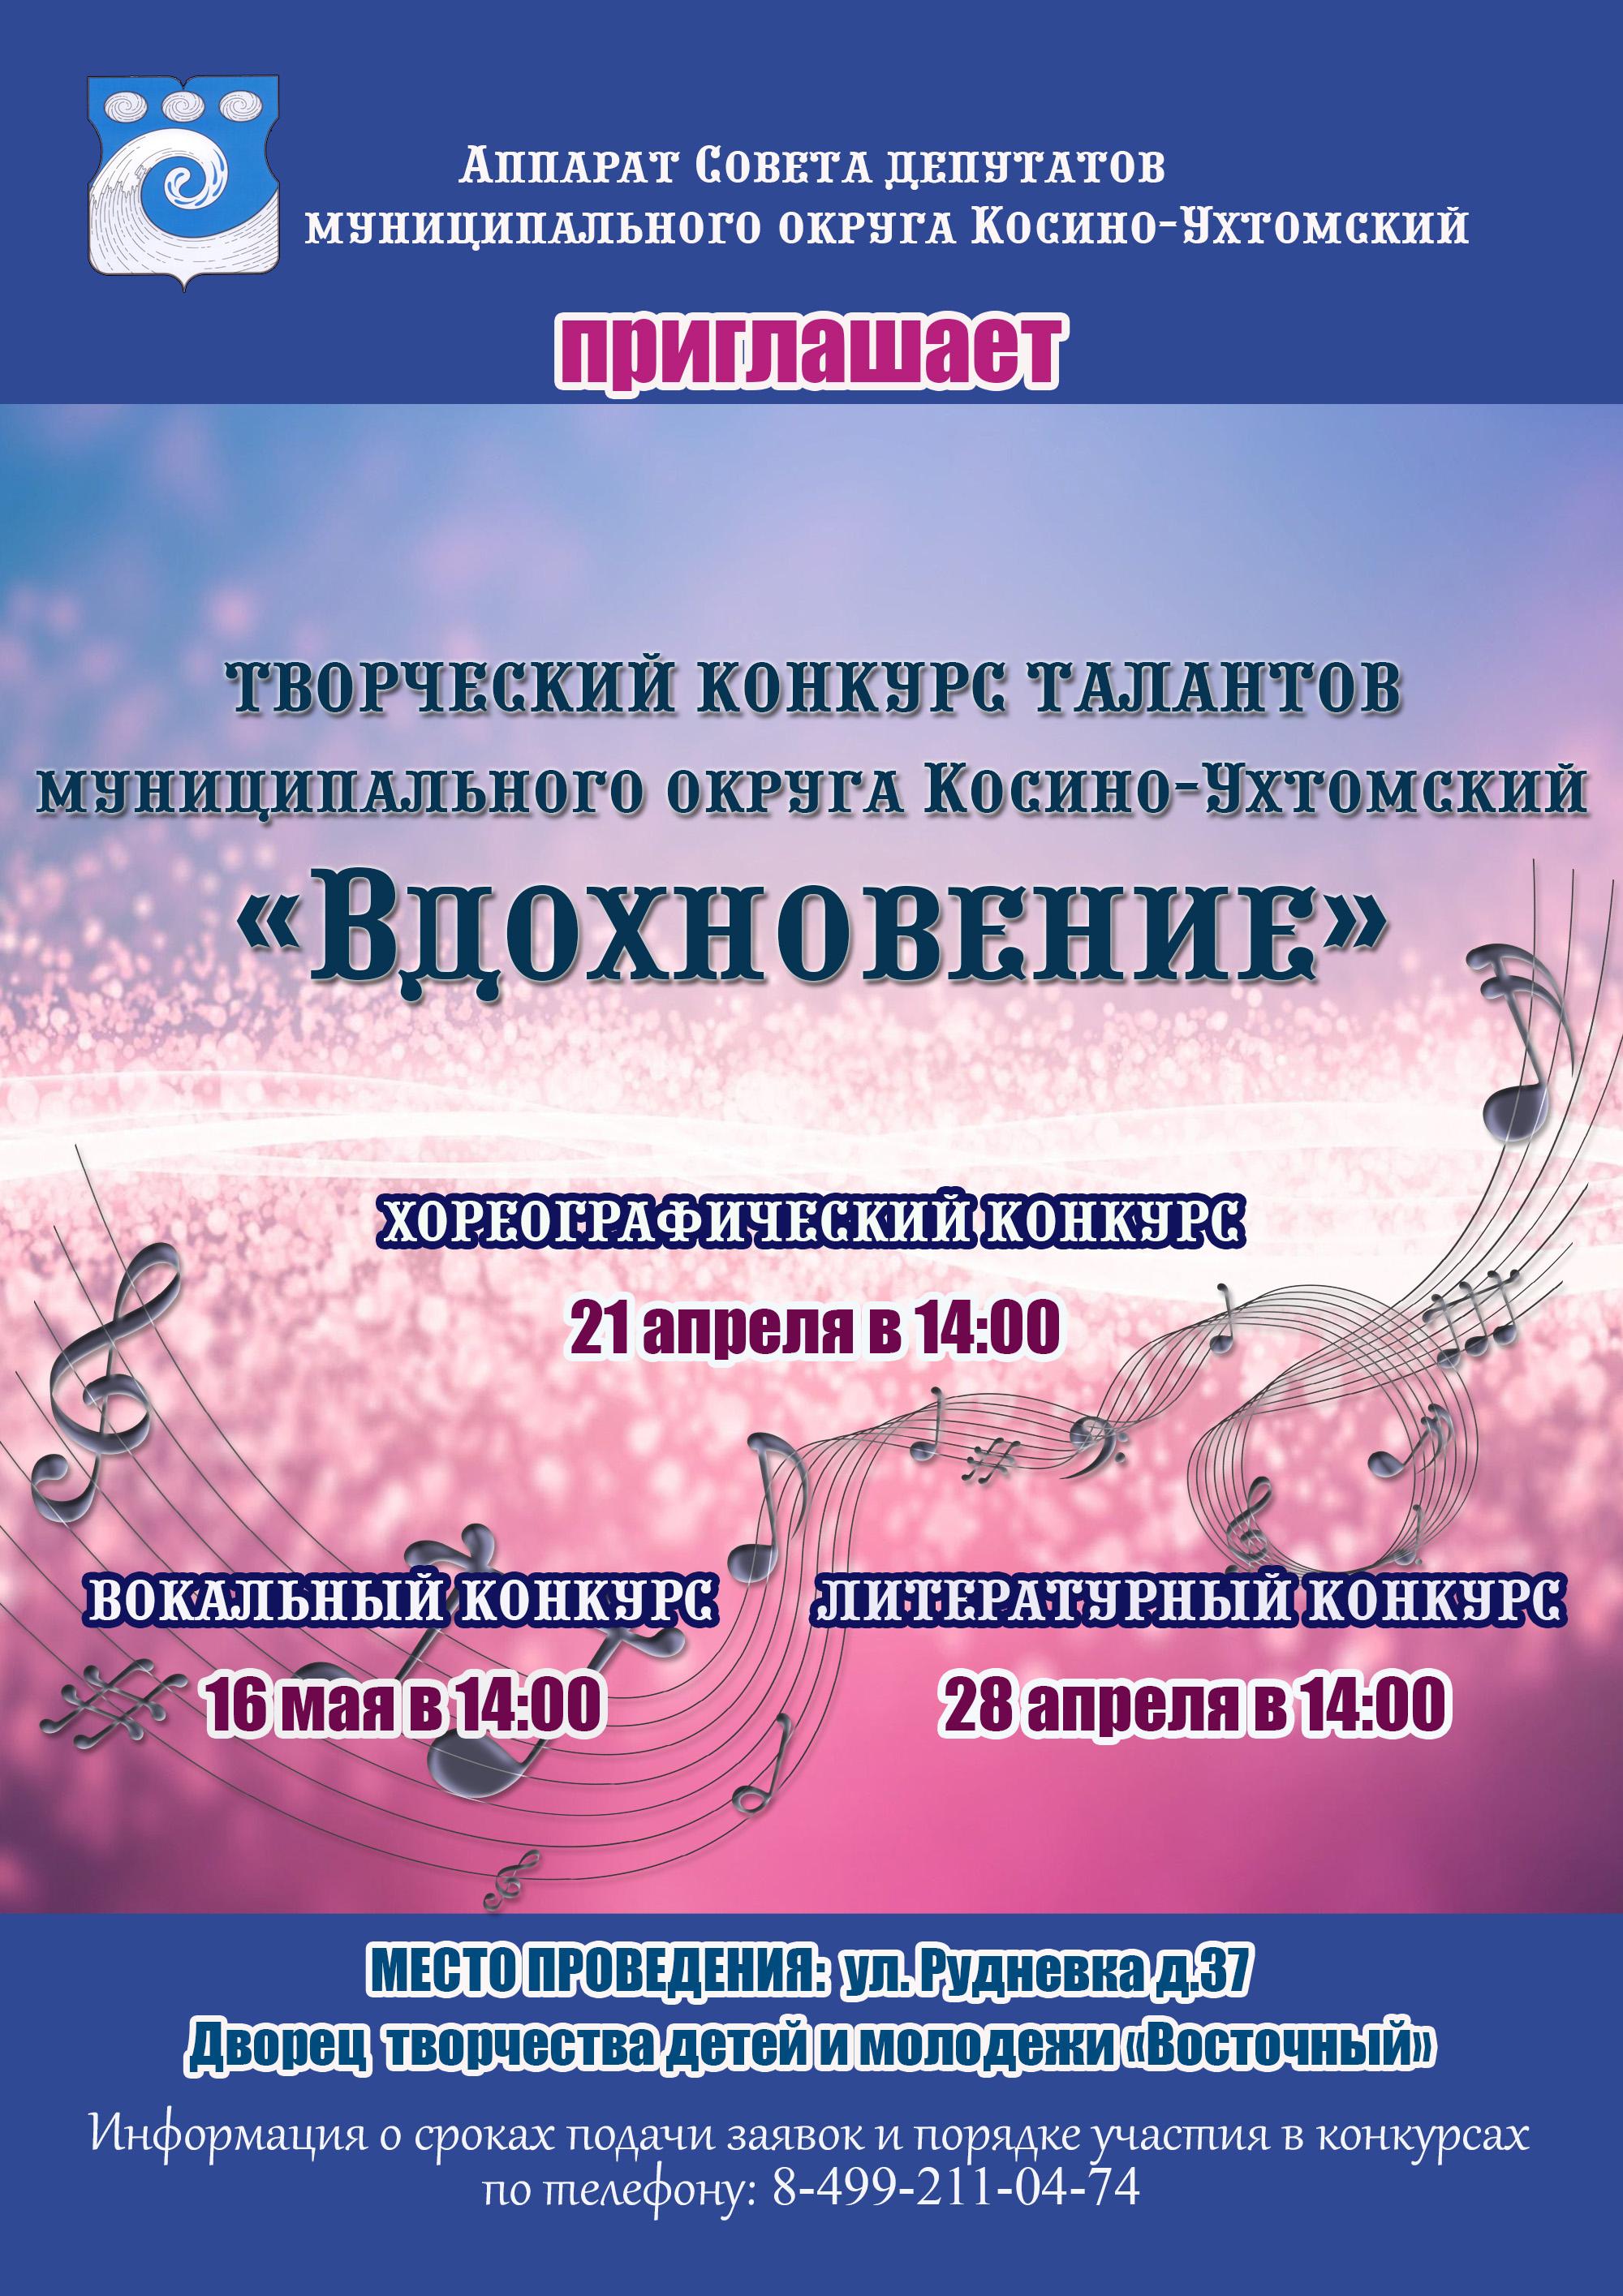 АФИША - ВДОХНОВЕНИЕ-8